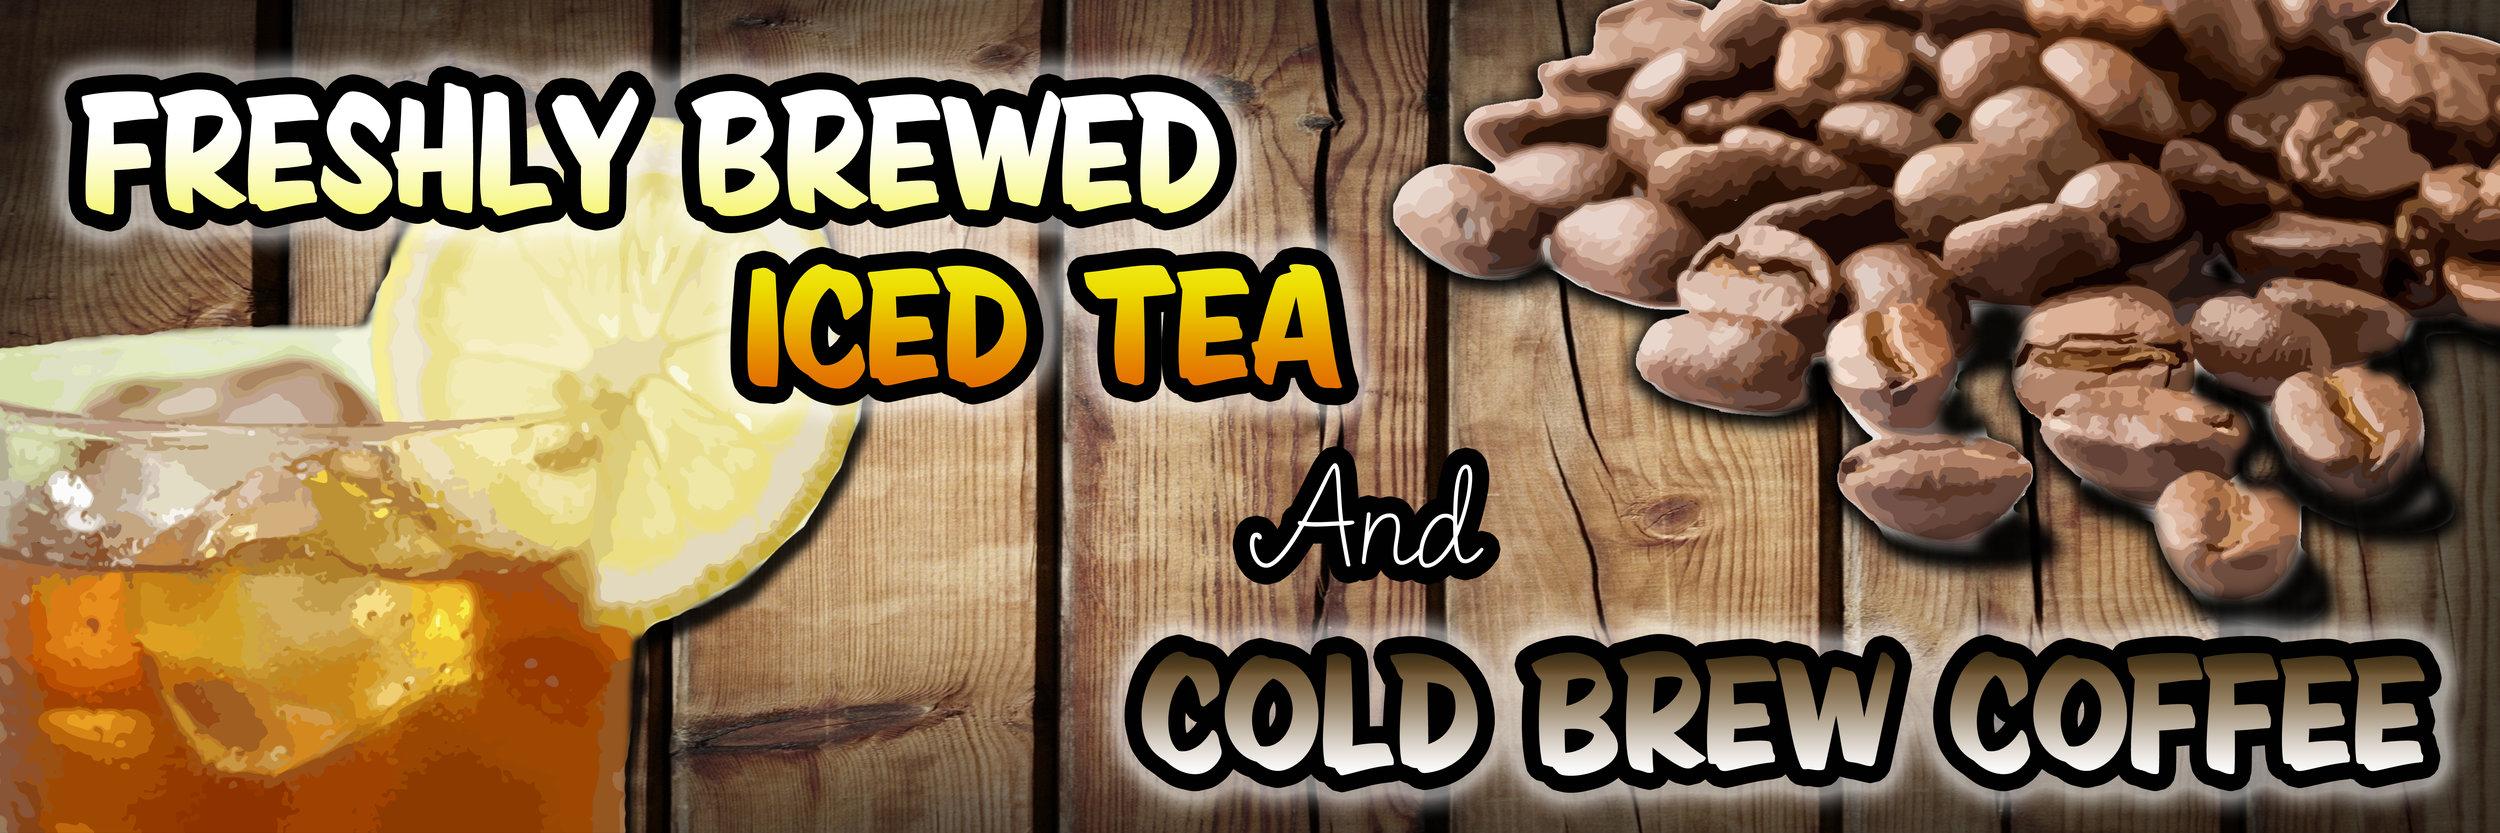 Iced Tea and Coffee.jpg